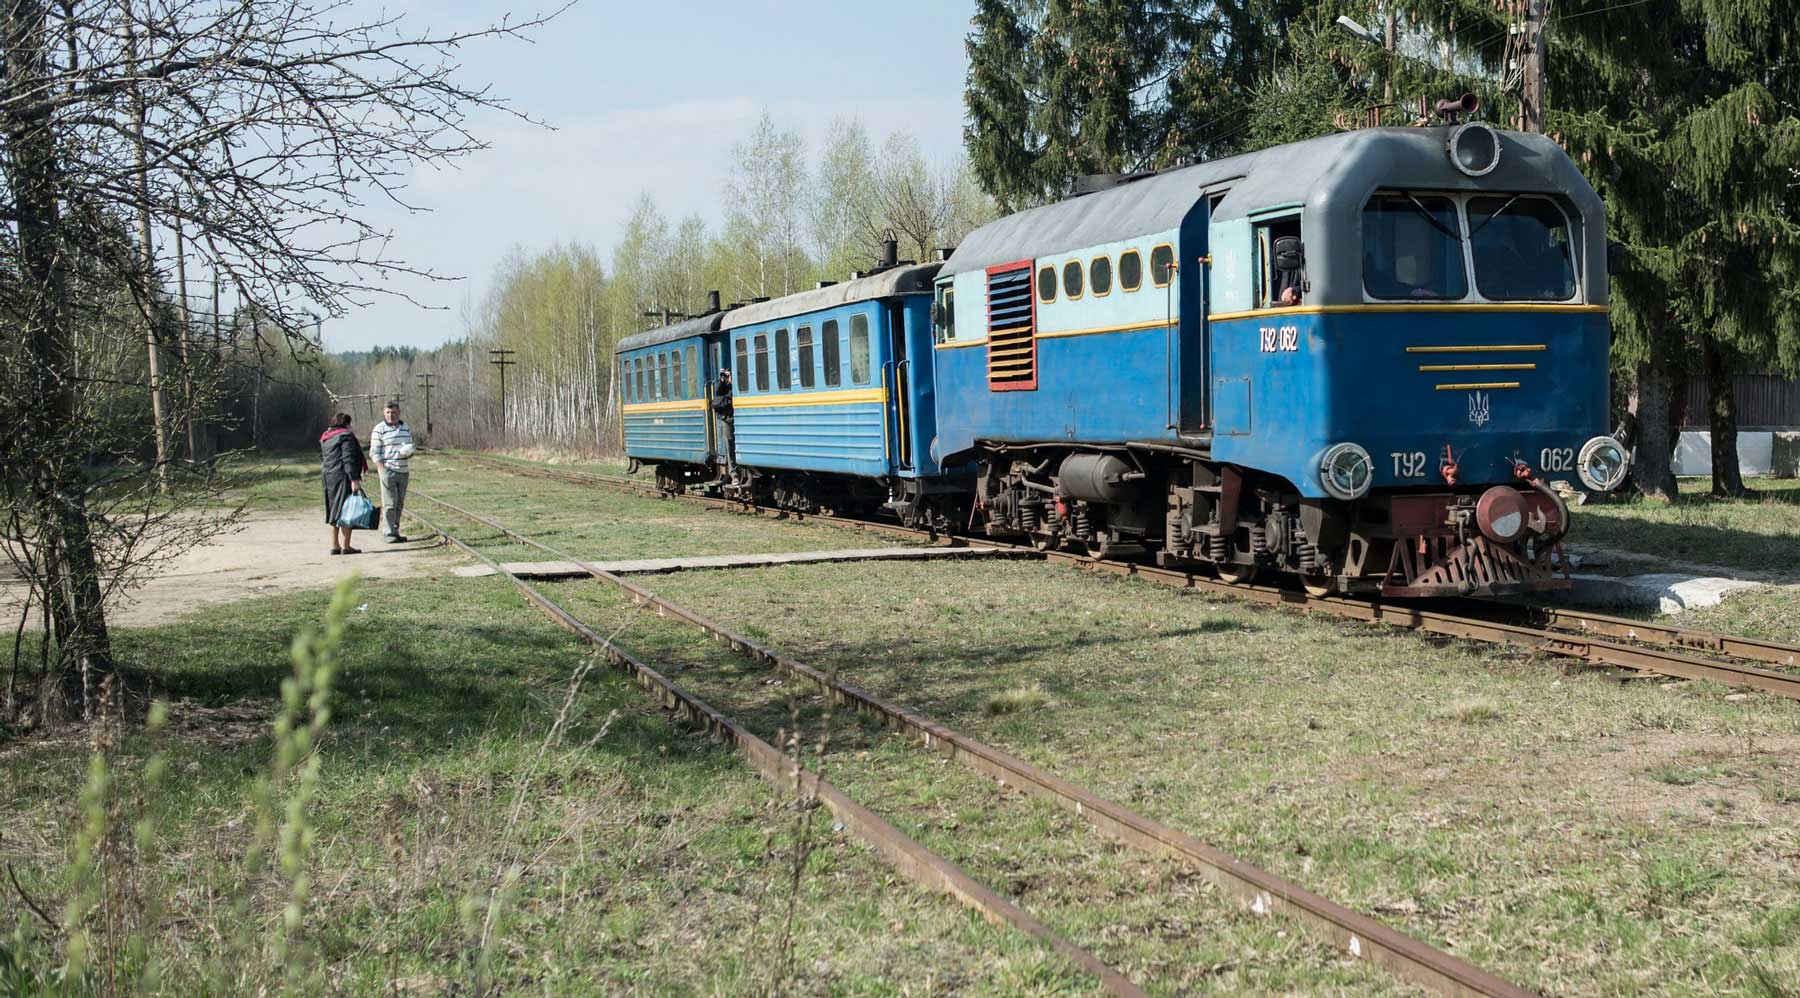 Το τραίνο της Πολίσσια: Ο κεχριμπαρένιος δρόμος